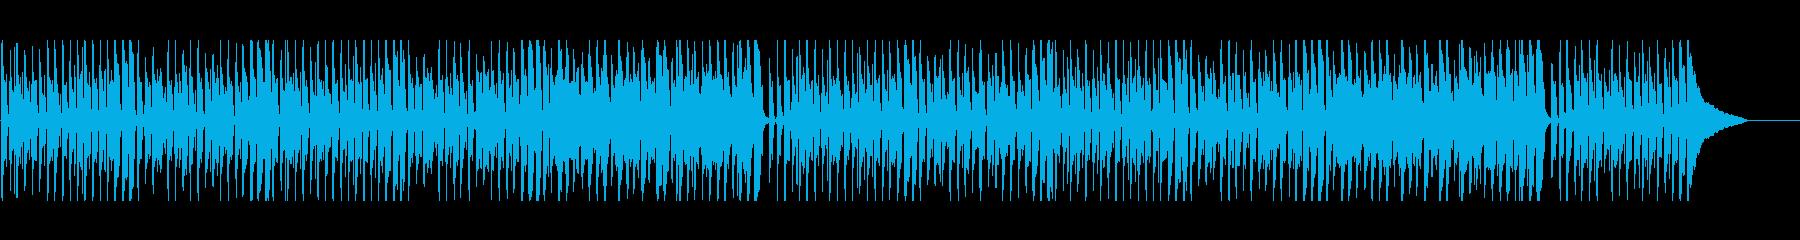 ゆるくてコミカルなウクレレポップの再生済みの波形